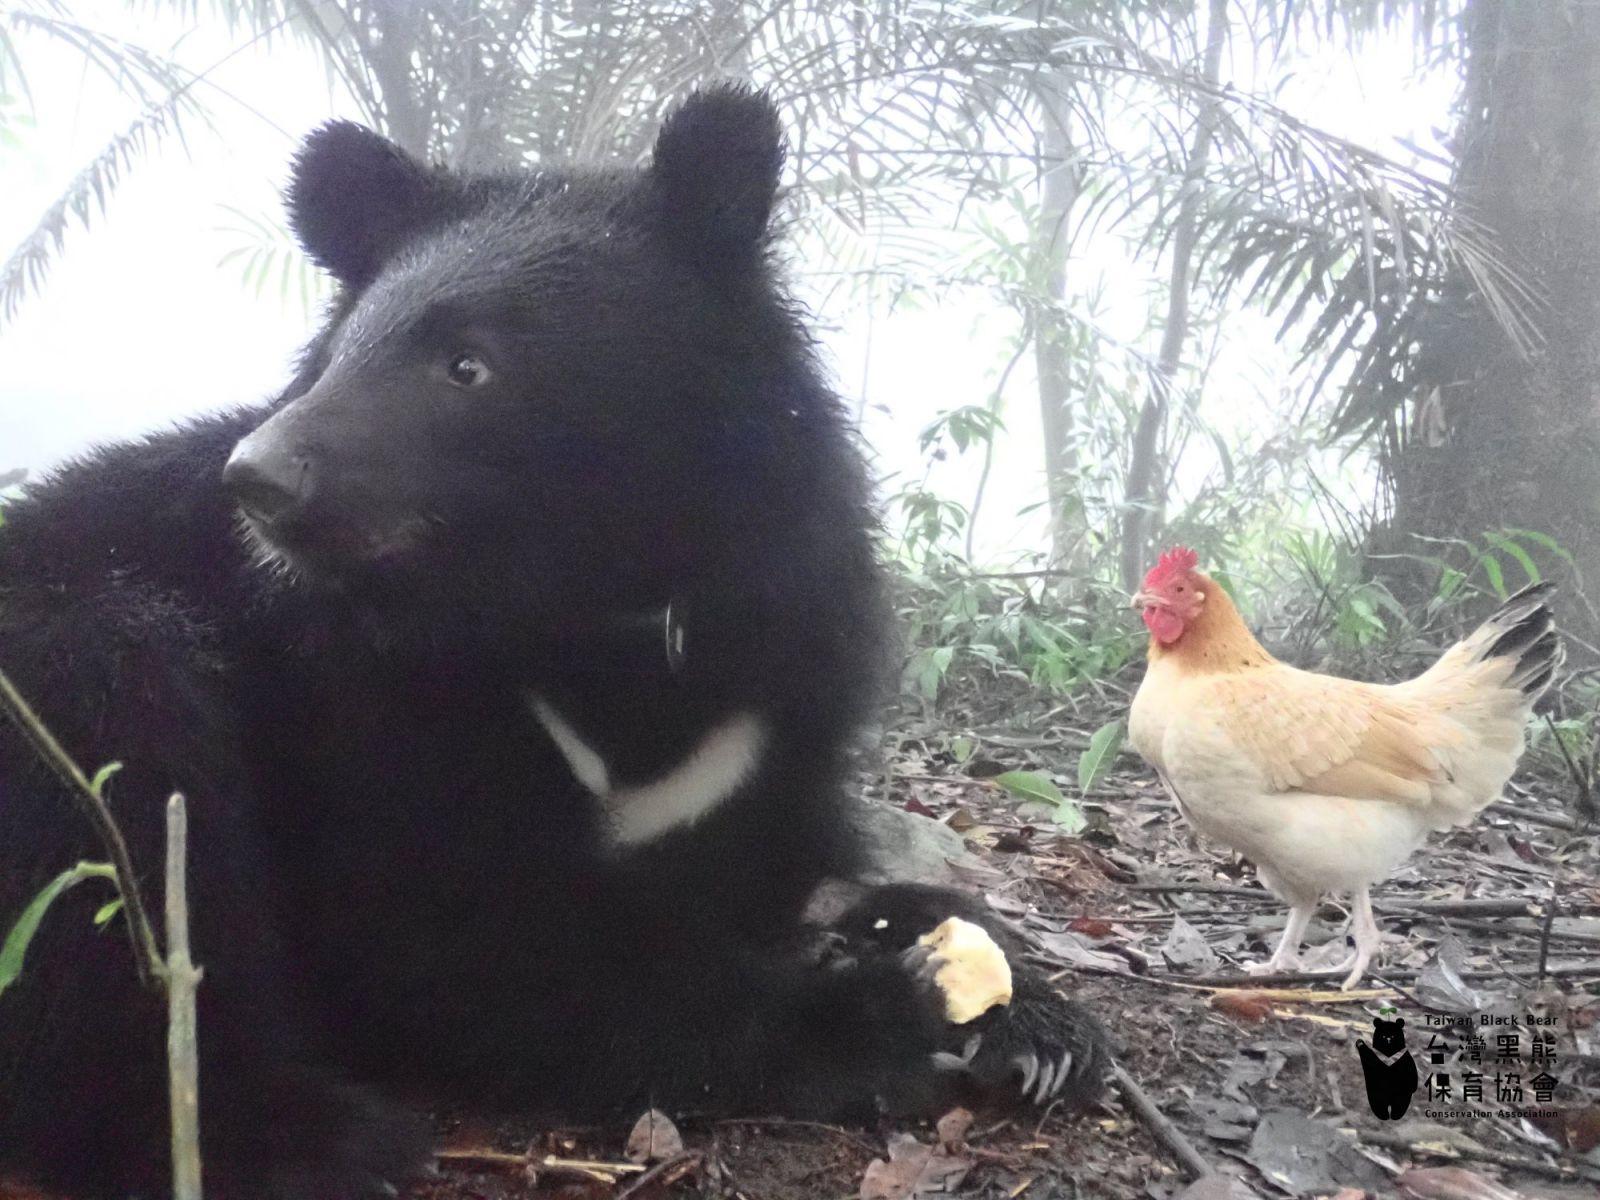 從「糧食」變成了朋友?結束九個月與母雞的奇幻冒險 南安小黑熊準備返山入林